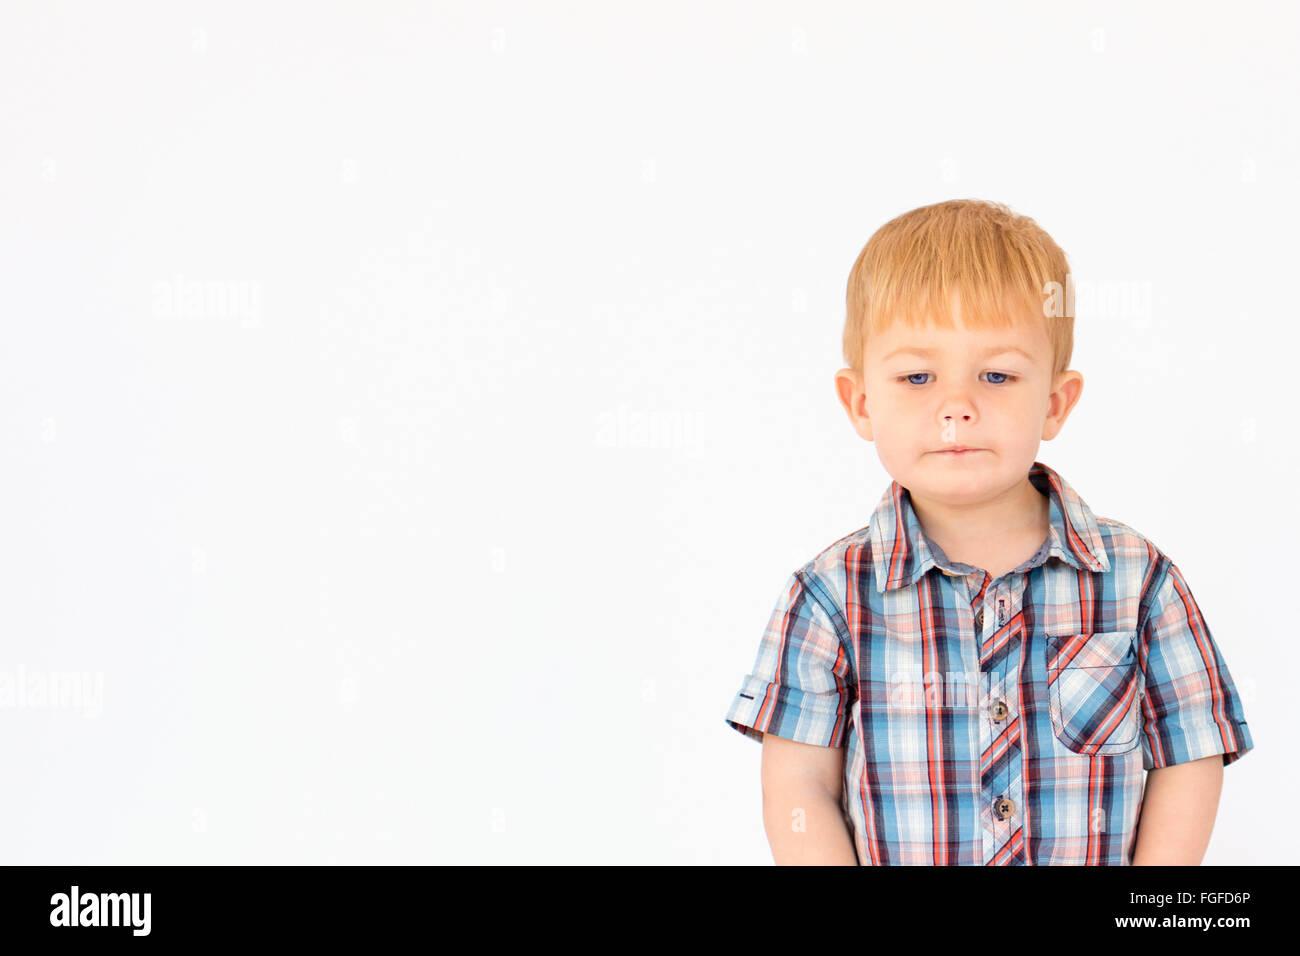 Retrato de un joven de pie sobre un fondo blanco. Foto de stock